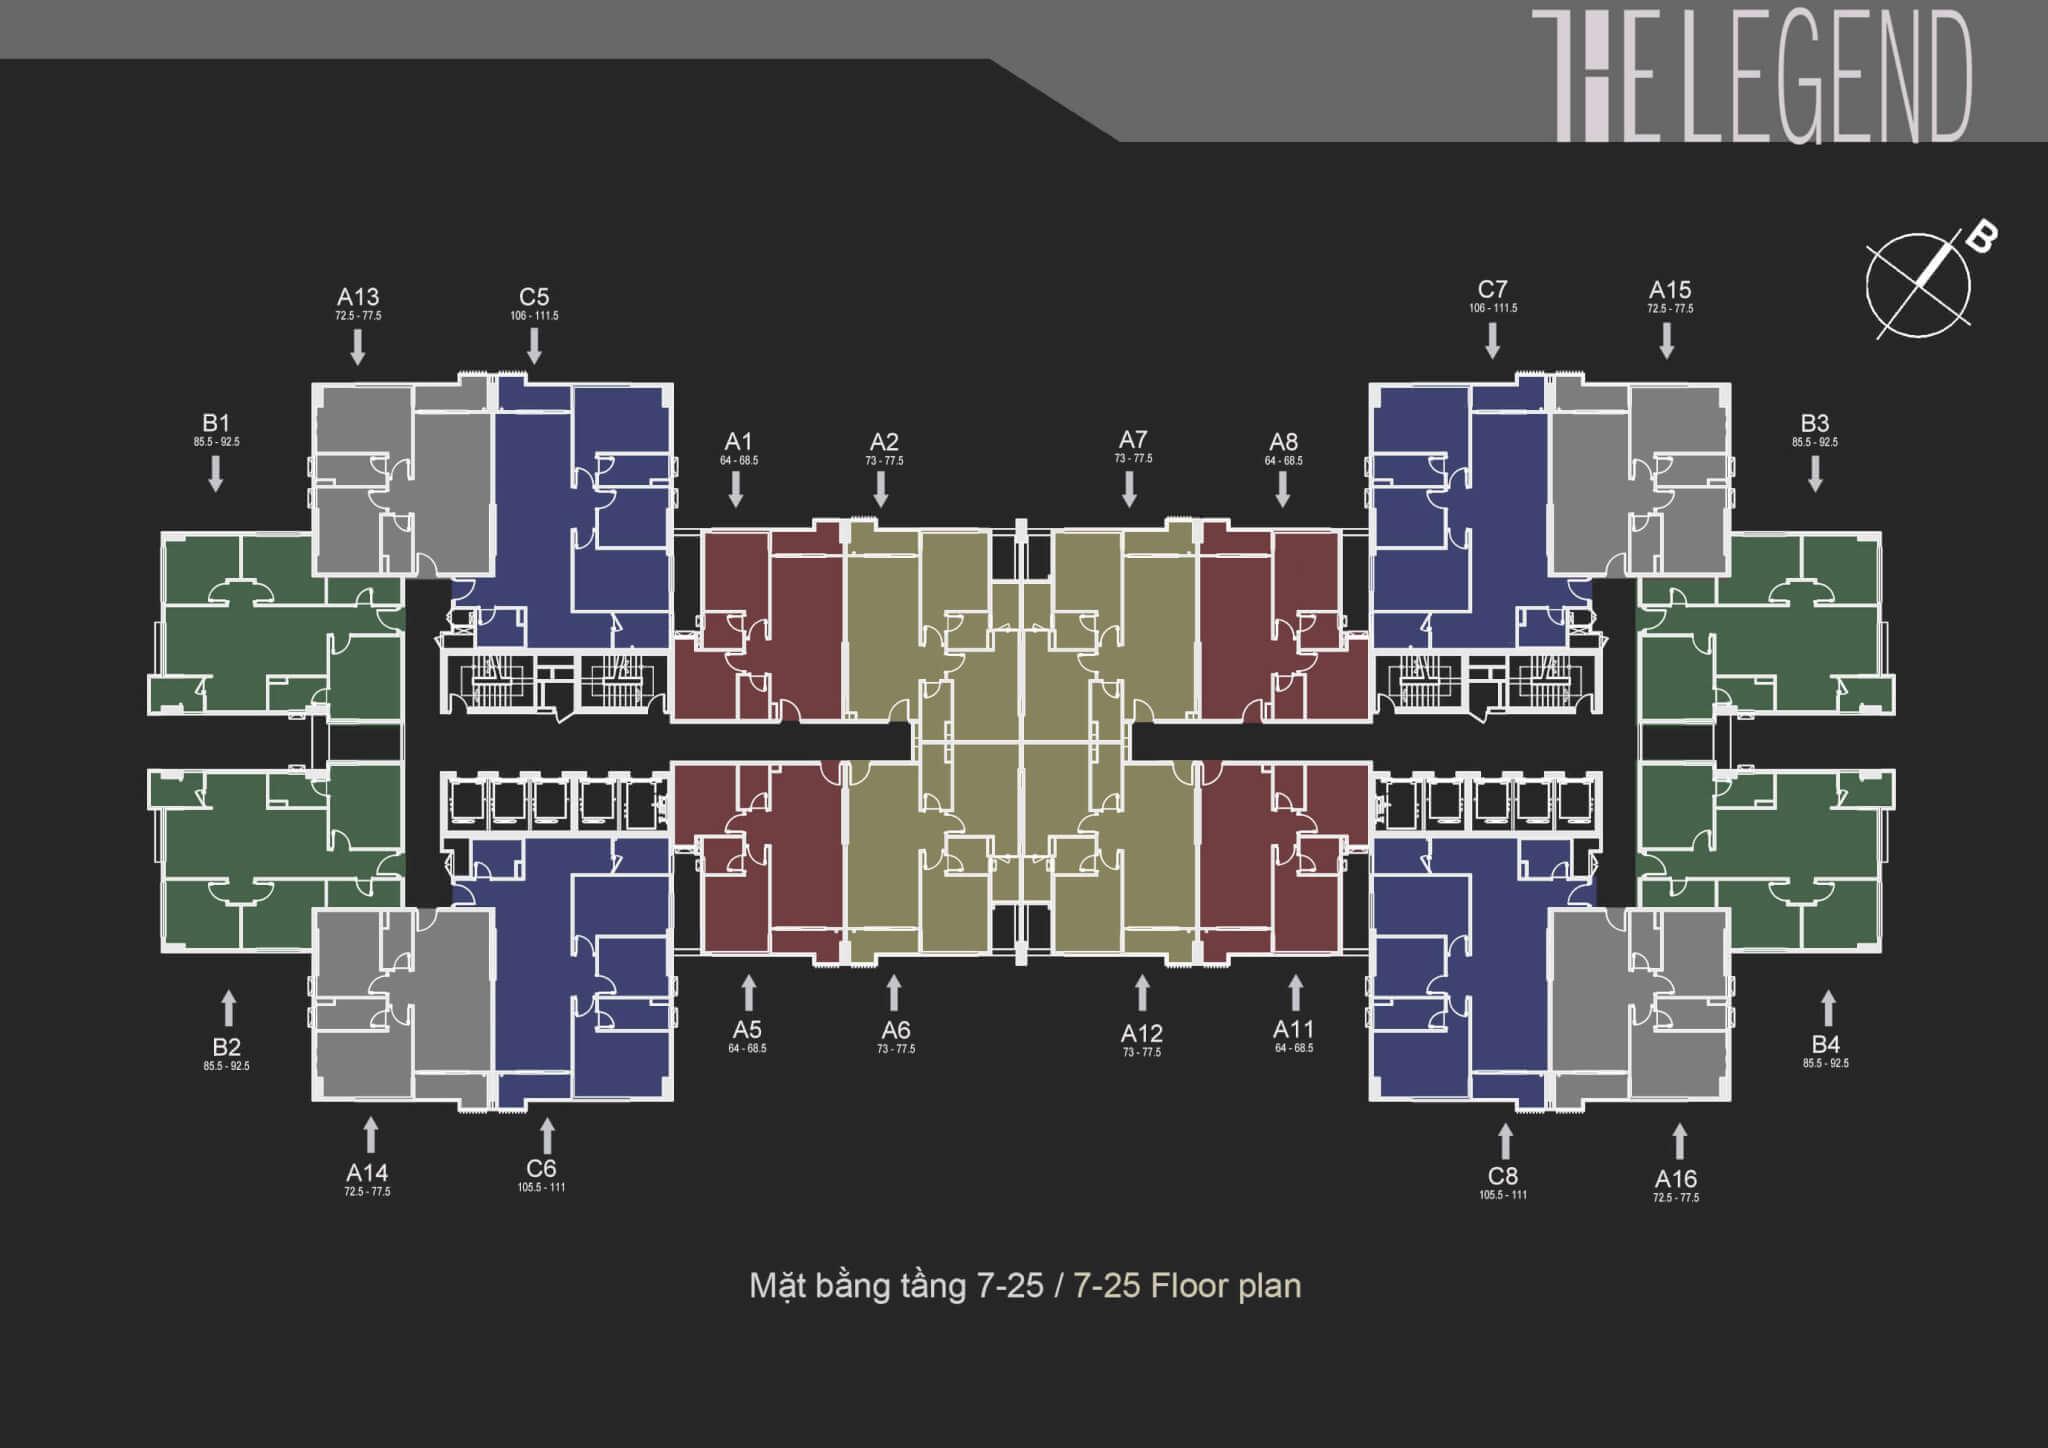 Mặt bằng thiết kế chung cư The Legend Tower 109 Nguyễn Tuân - Mặt bằng điển hình tầng 7 đến 25